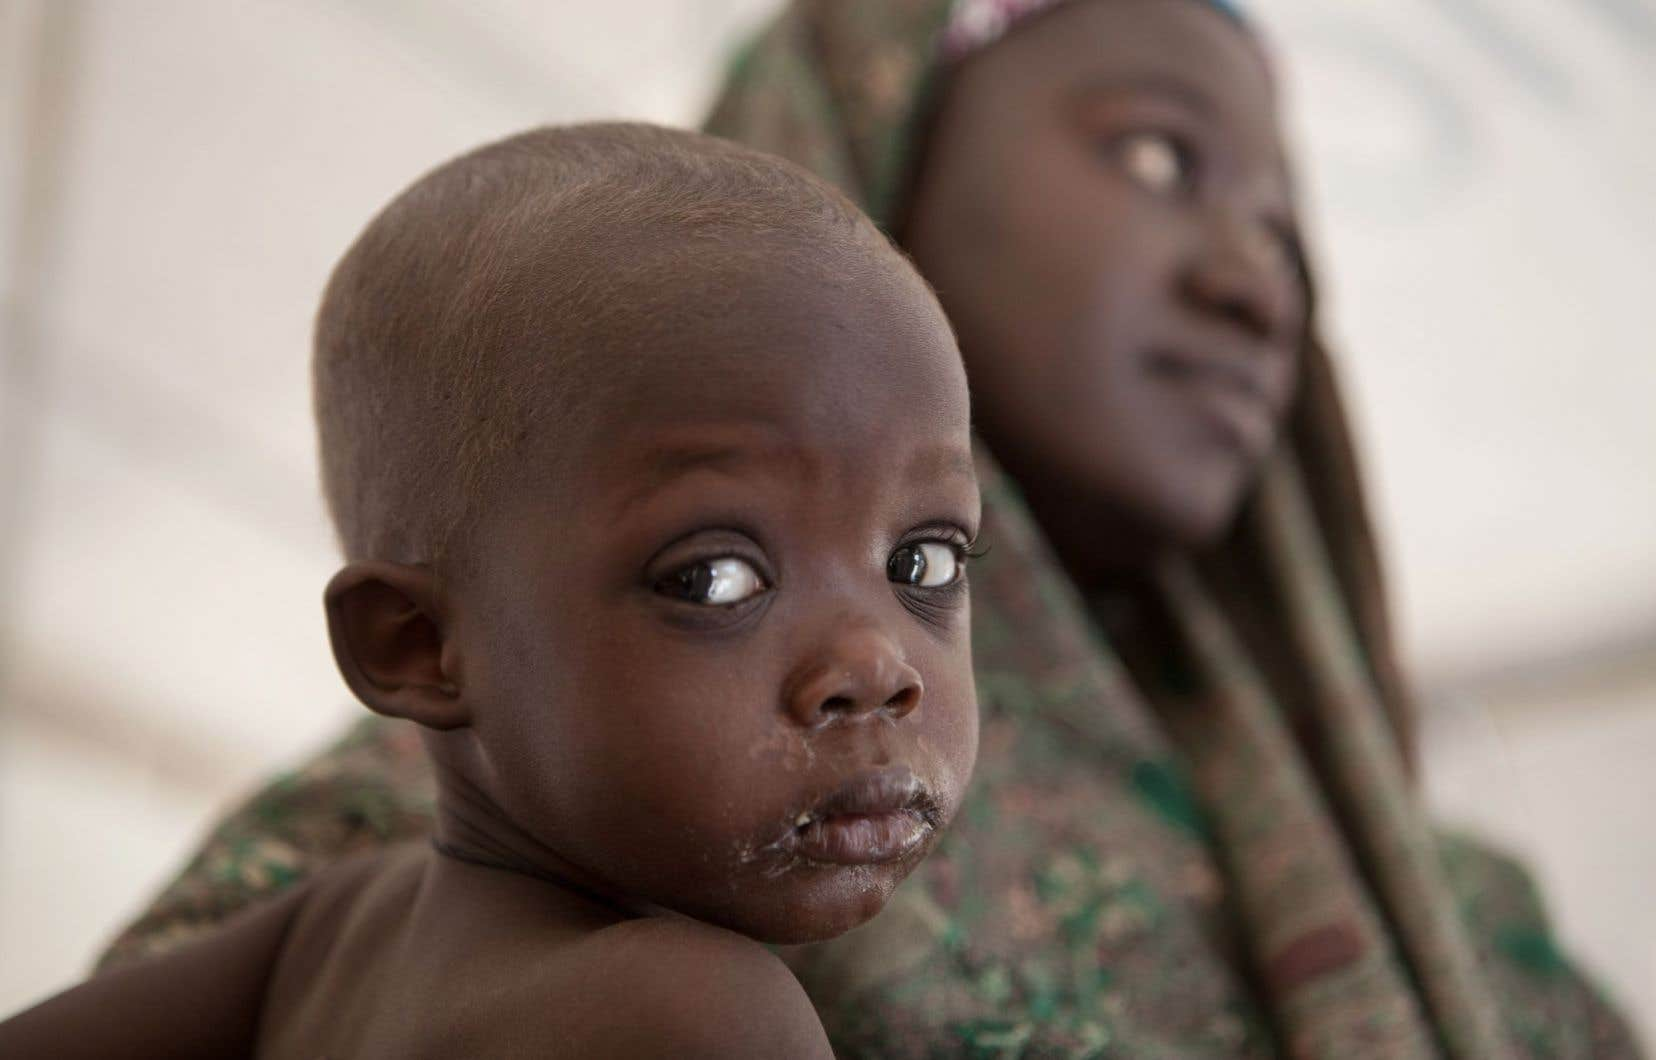 L'UNICEF s'inquiète du nombre d'enfants détenus par les armées des quatre pays de la région.